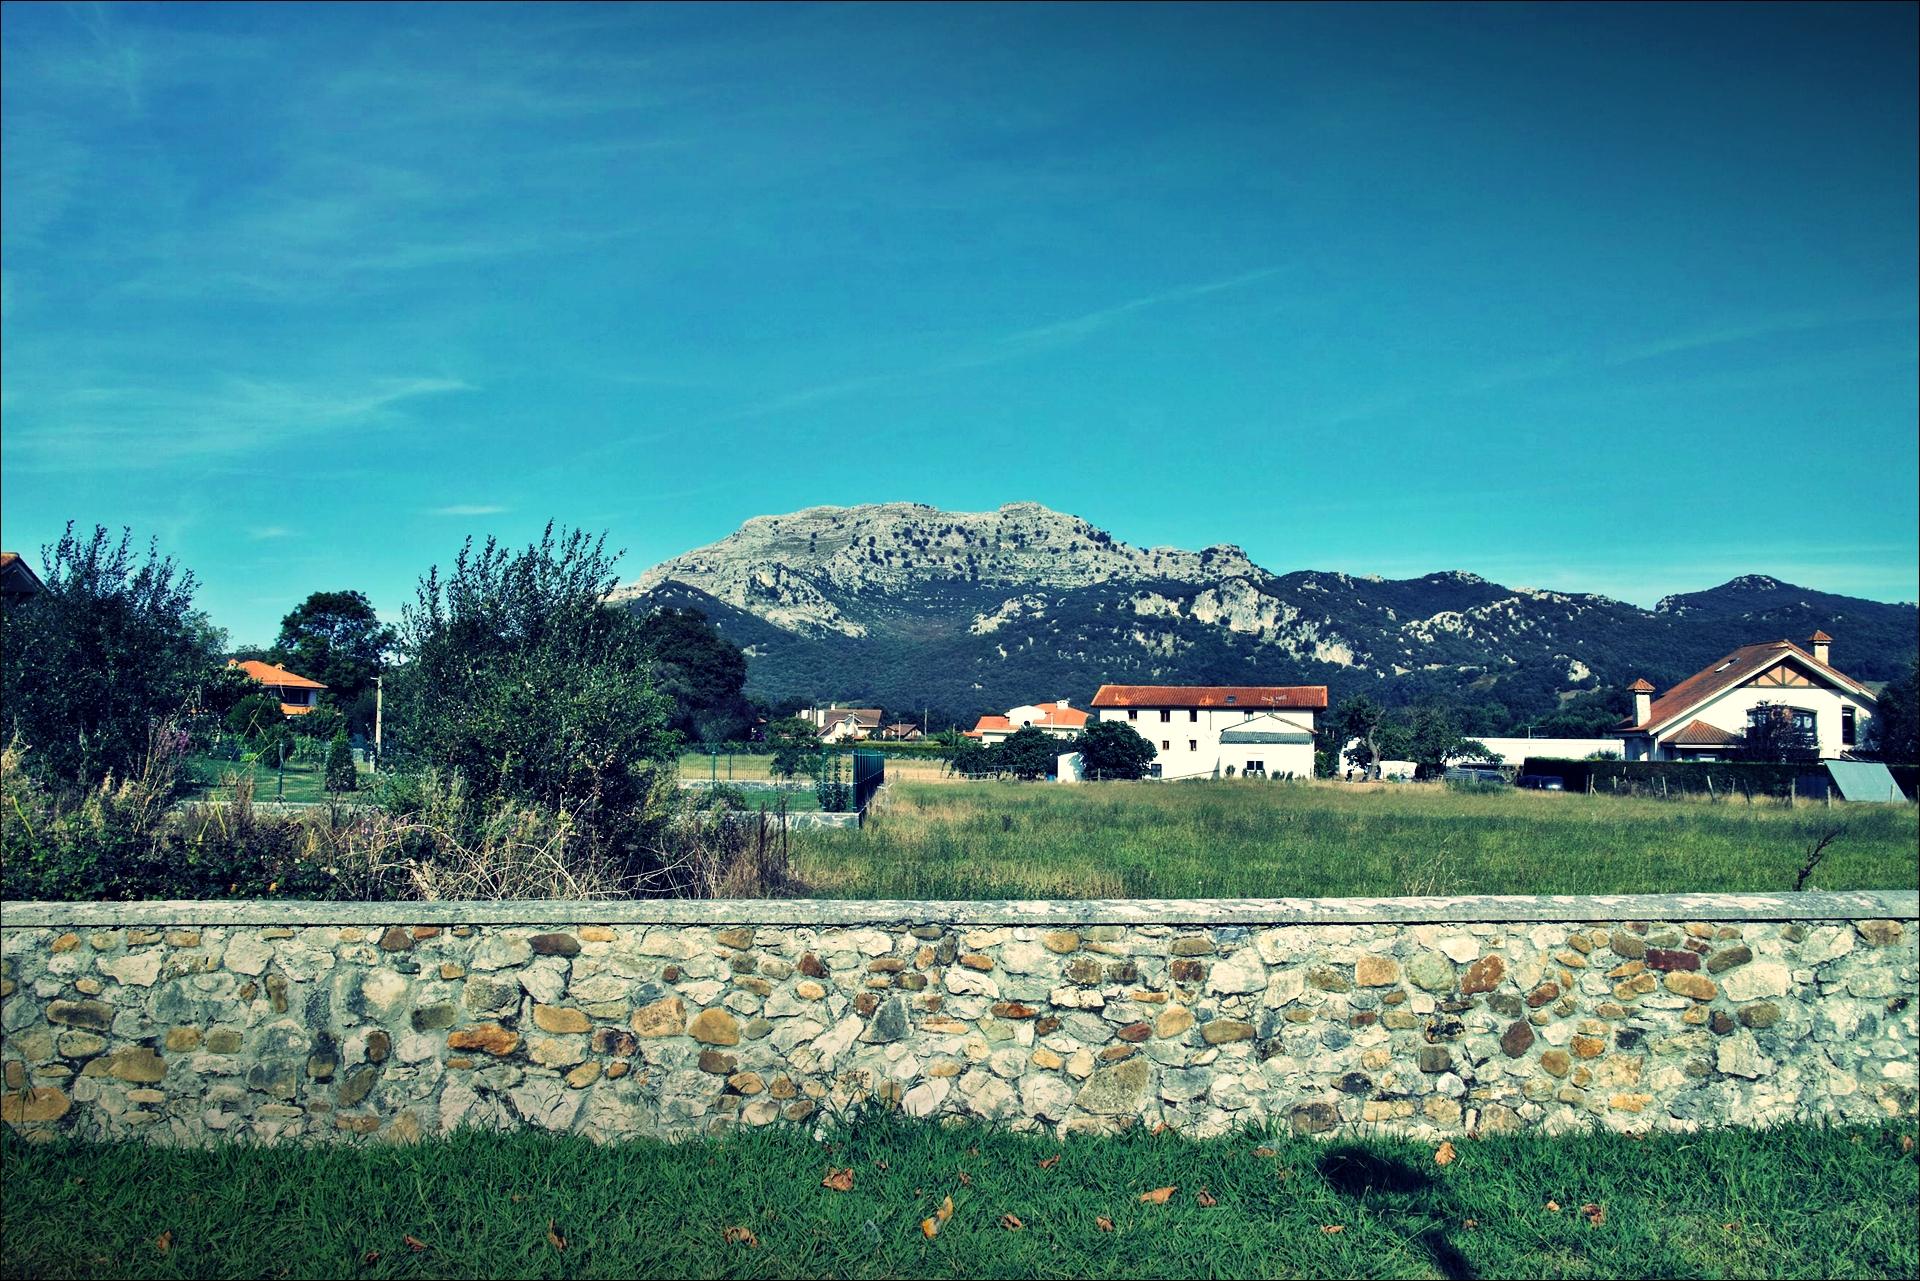 평화로운 리엔도-'카미노 데 산티아고 북쪽길. 카스트로 우르디알레스에서 리엔도. (Camino del Norte - Castro Urdiales to Liendo) '